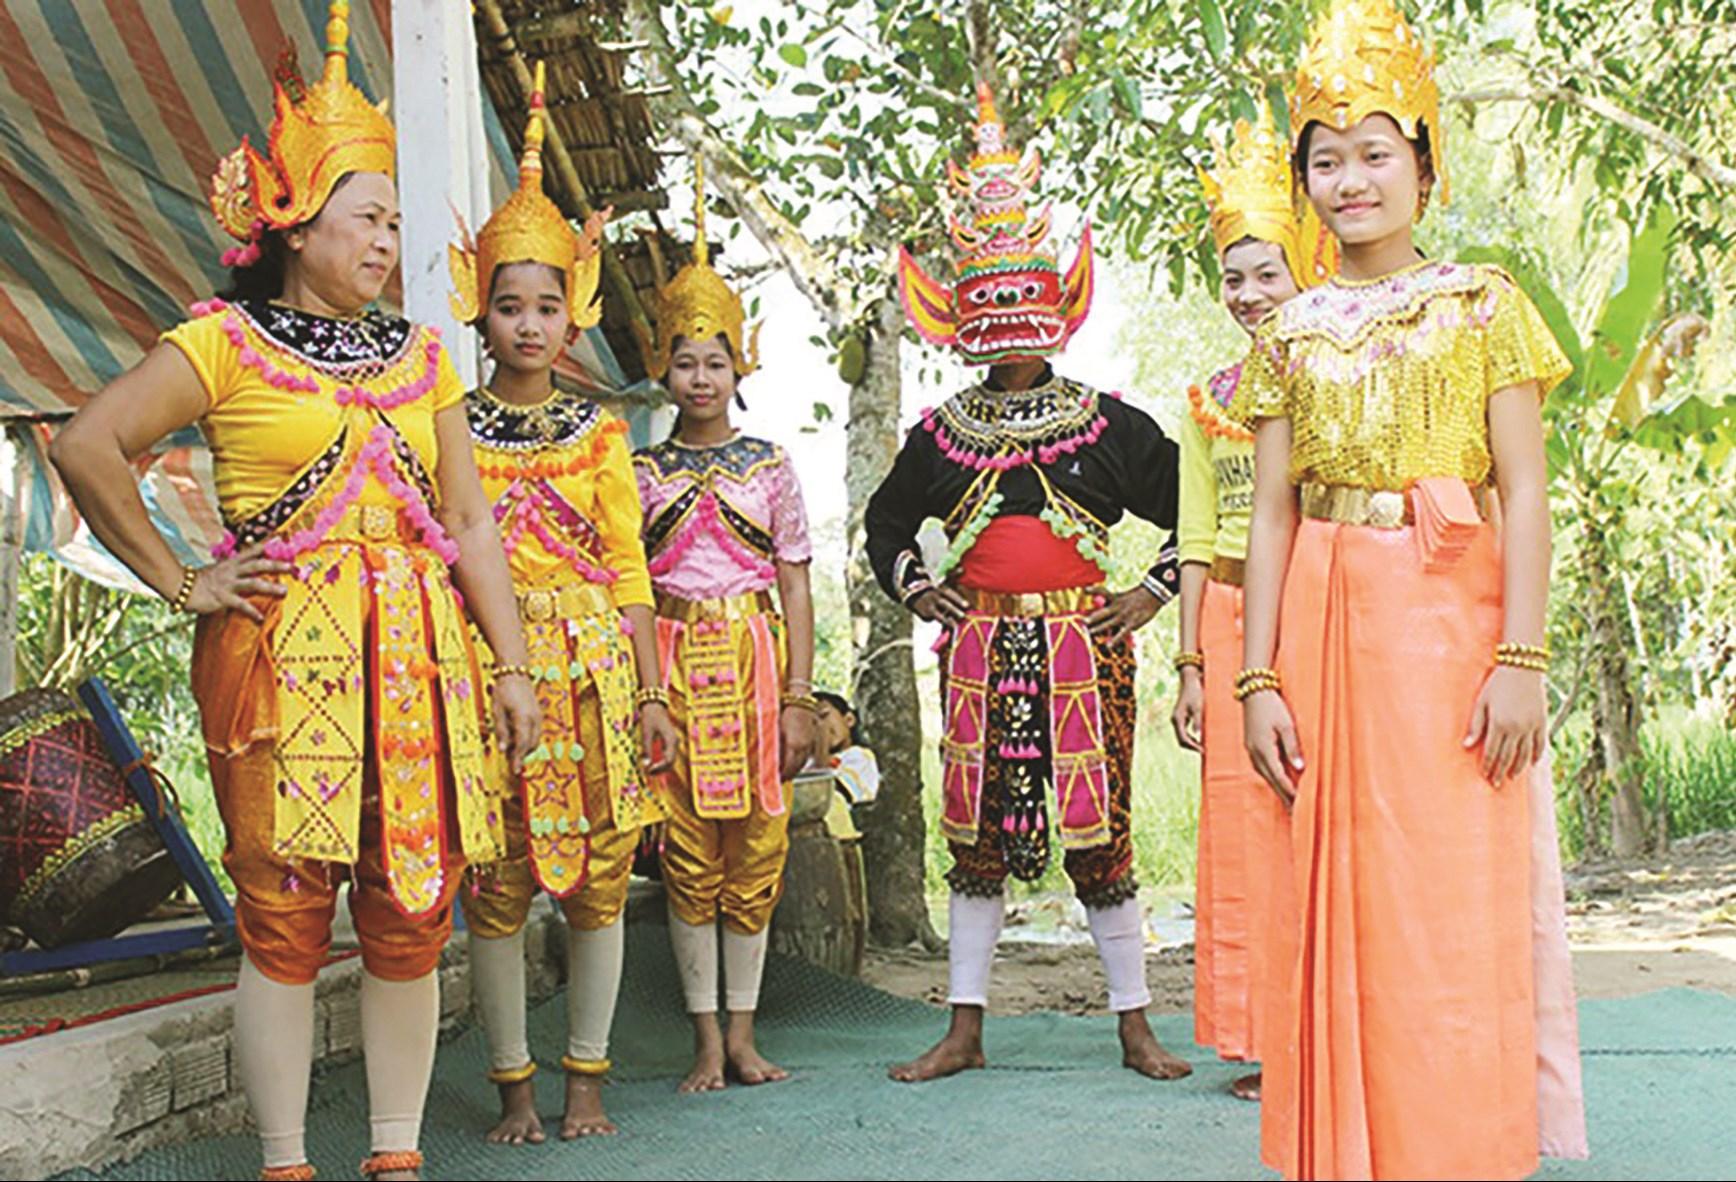 Nghệ nhân Lâm Thị Hương (bìa bên trái) đang chuẩn bị phục dựng sân khấu cổ Rô Băm tại Làng văn hóa các dân tộc Việt Nam (Hà Nội năm 2016).